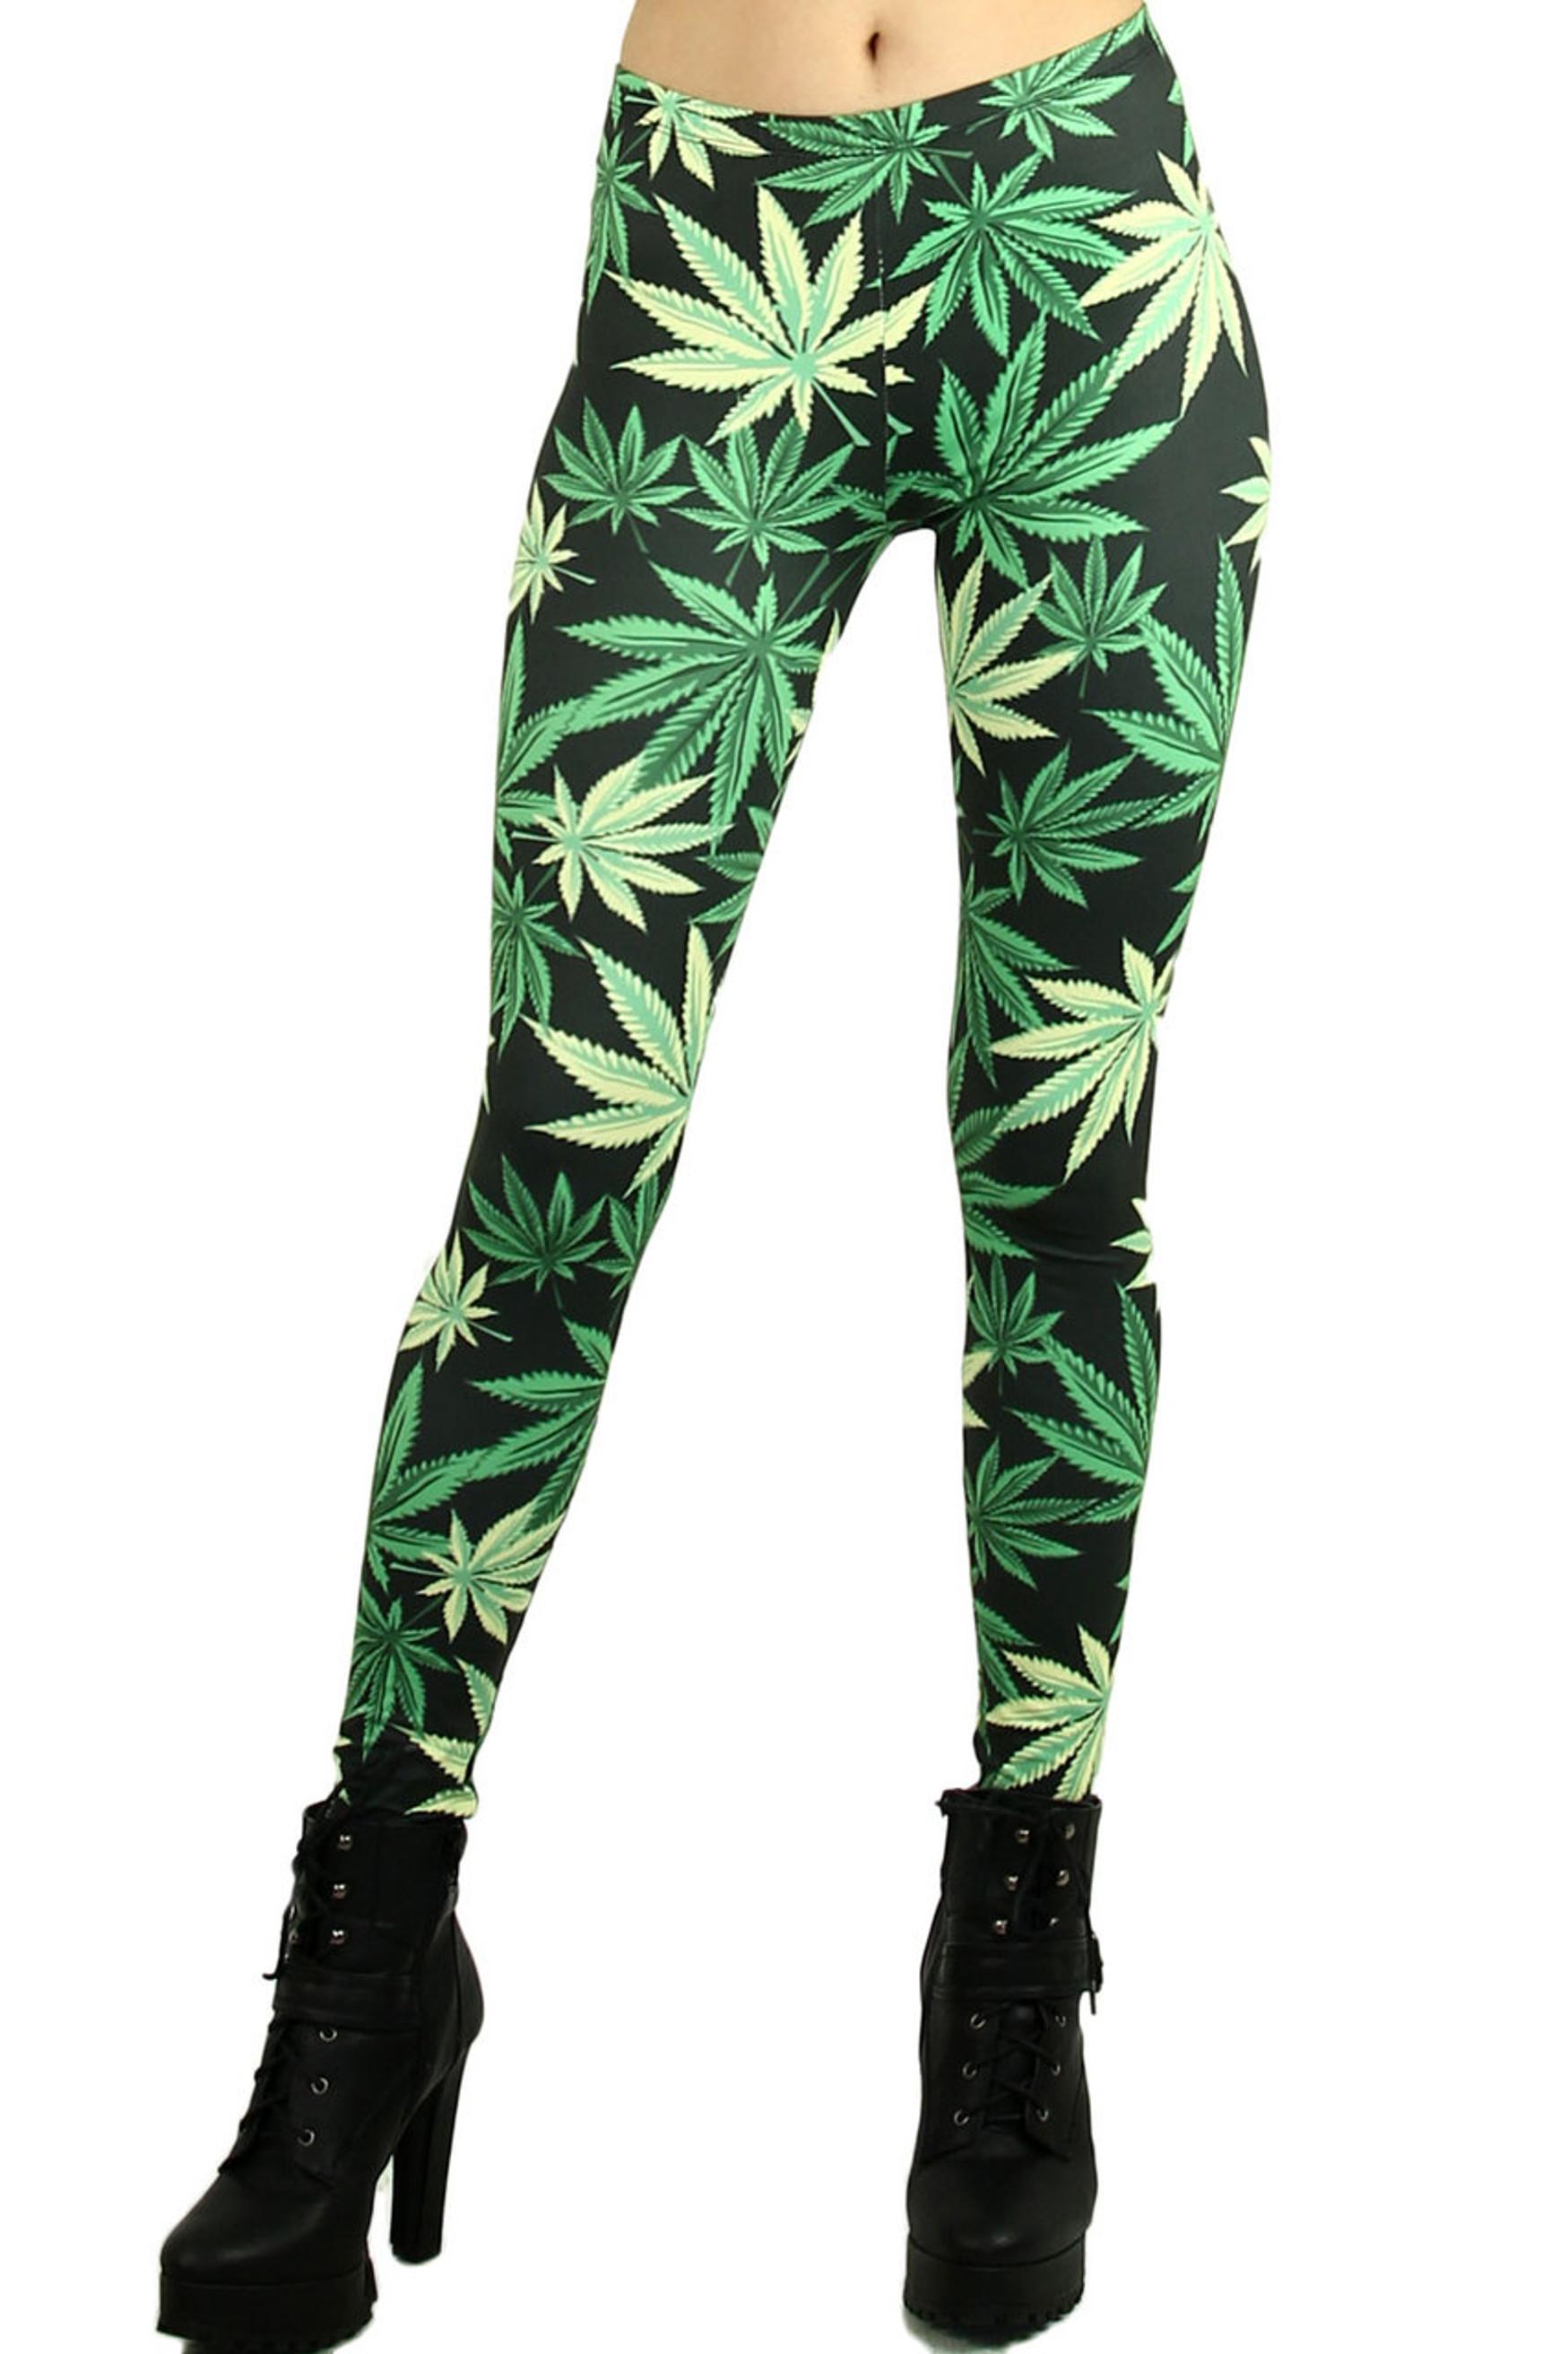 Weed Leaf Leggings